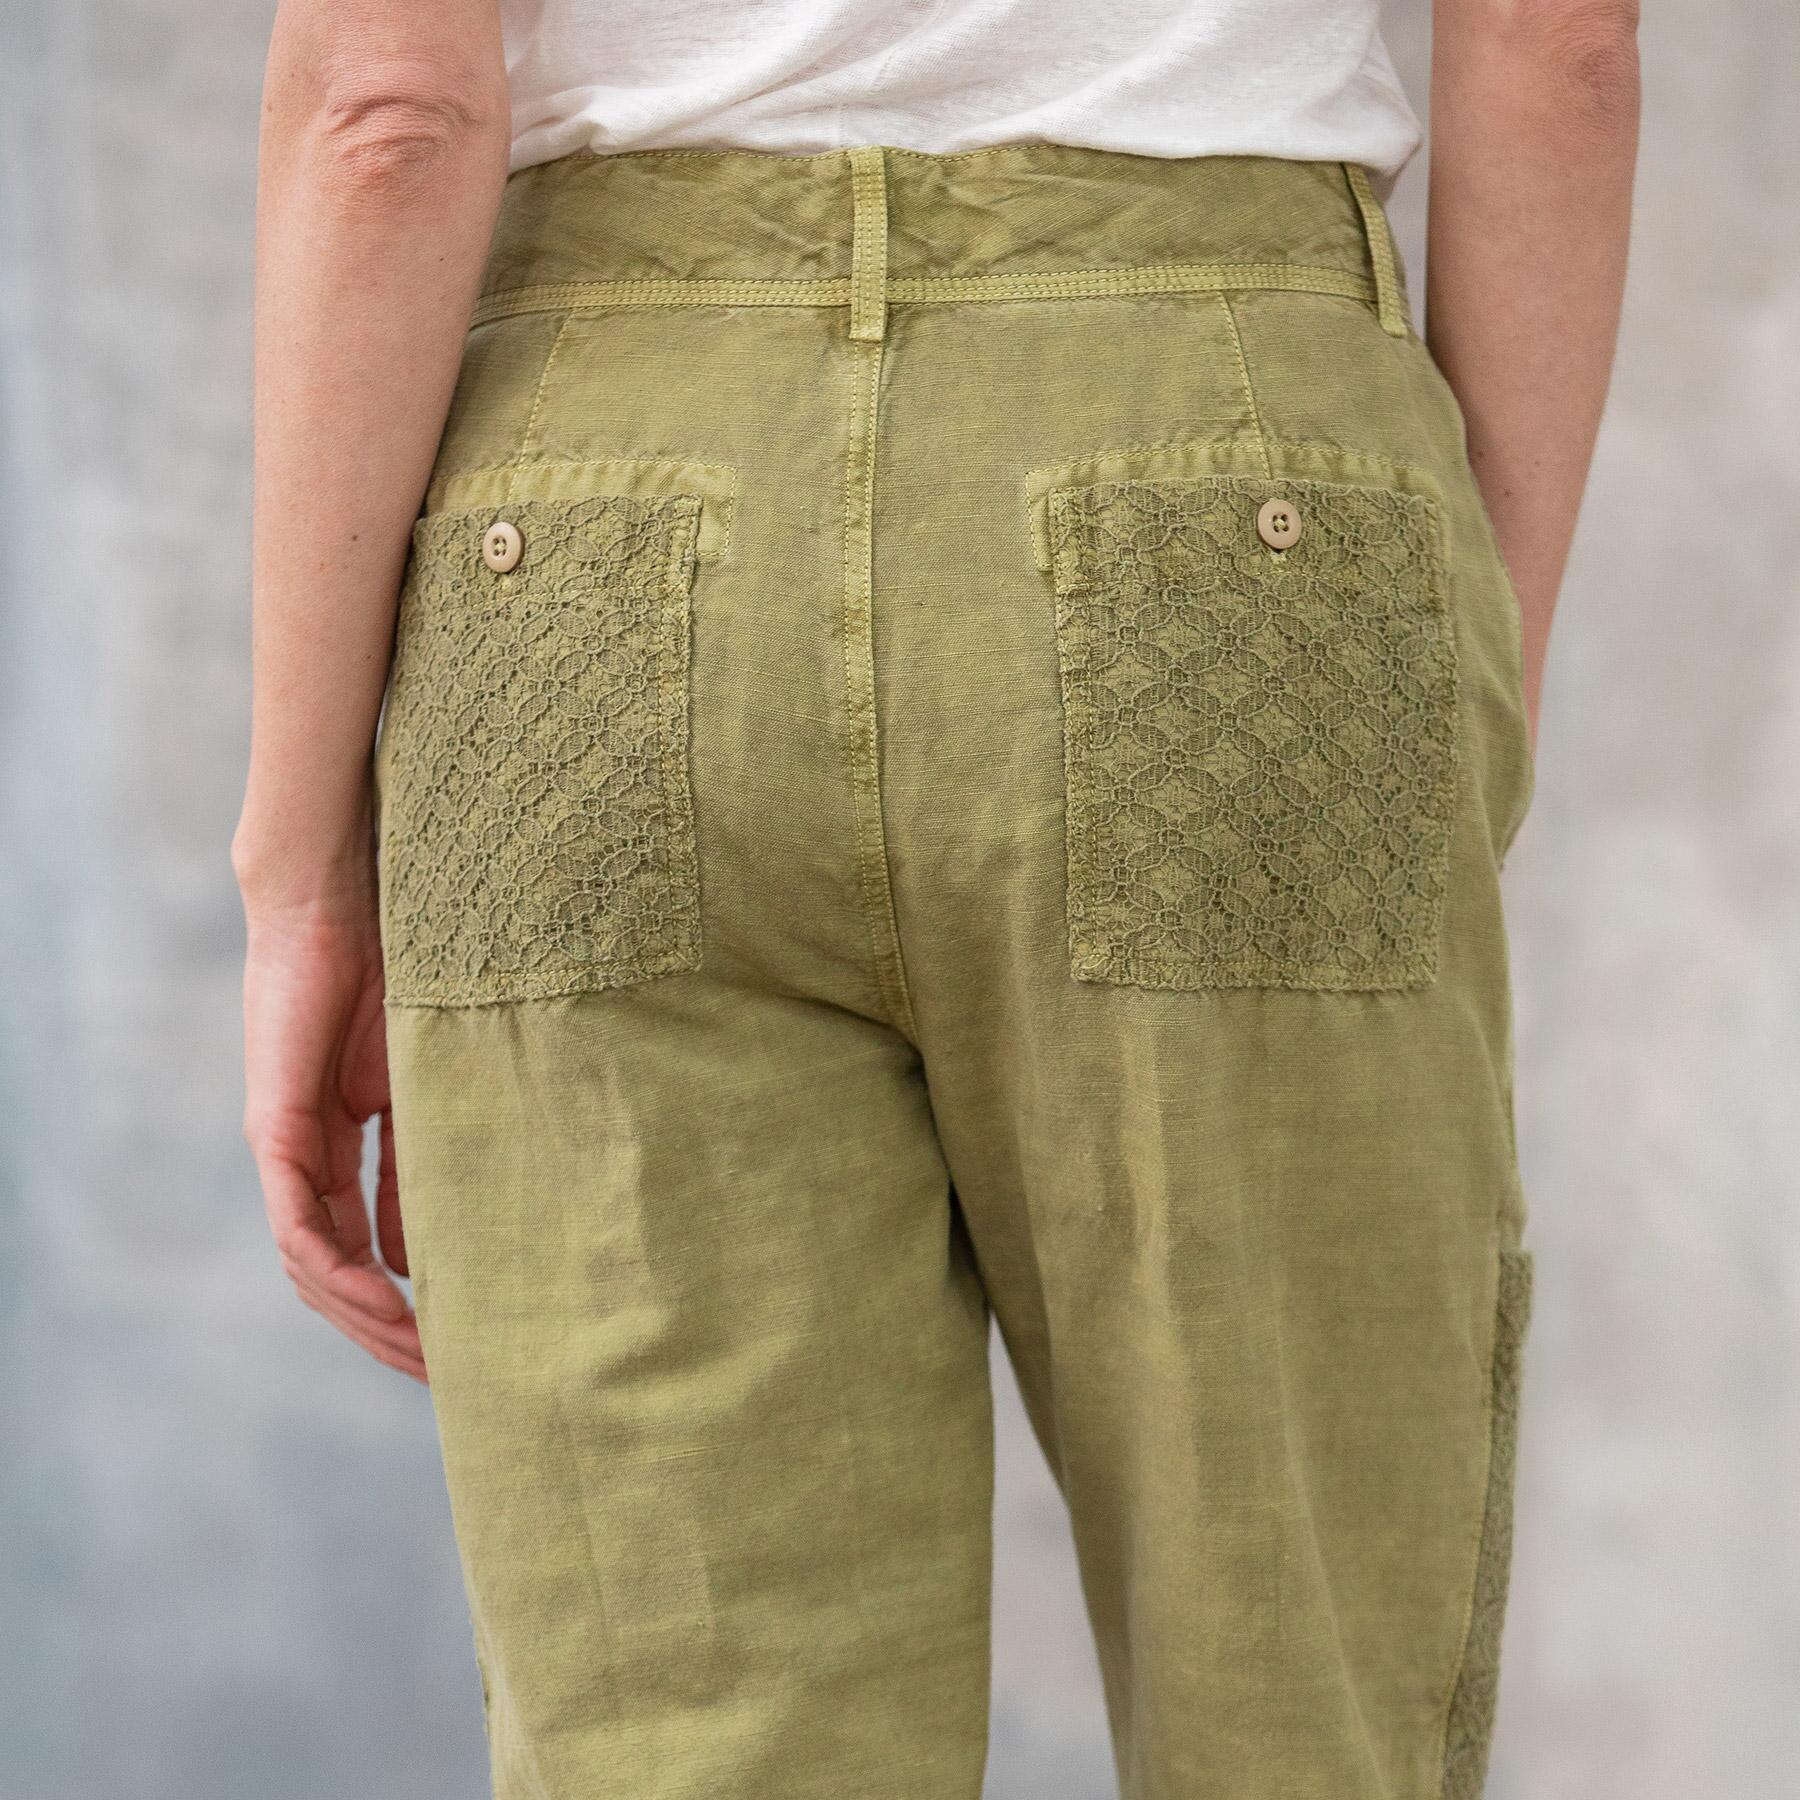 FEMME VOYAGER PANTS - PETITES: View 8